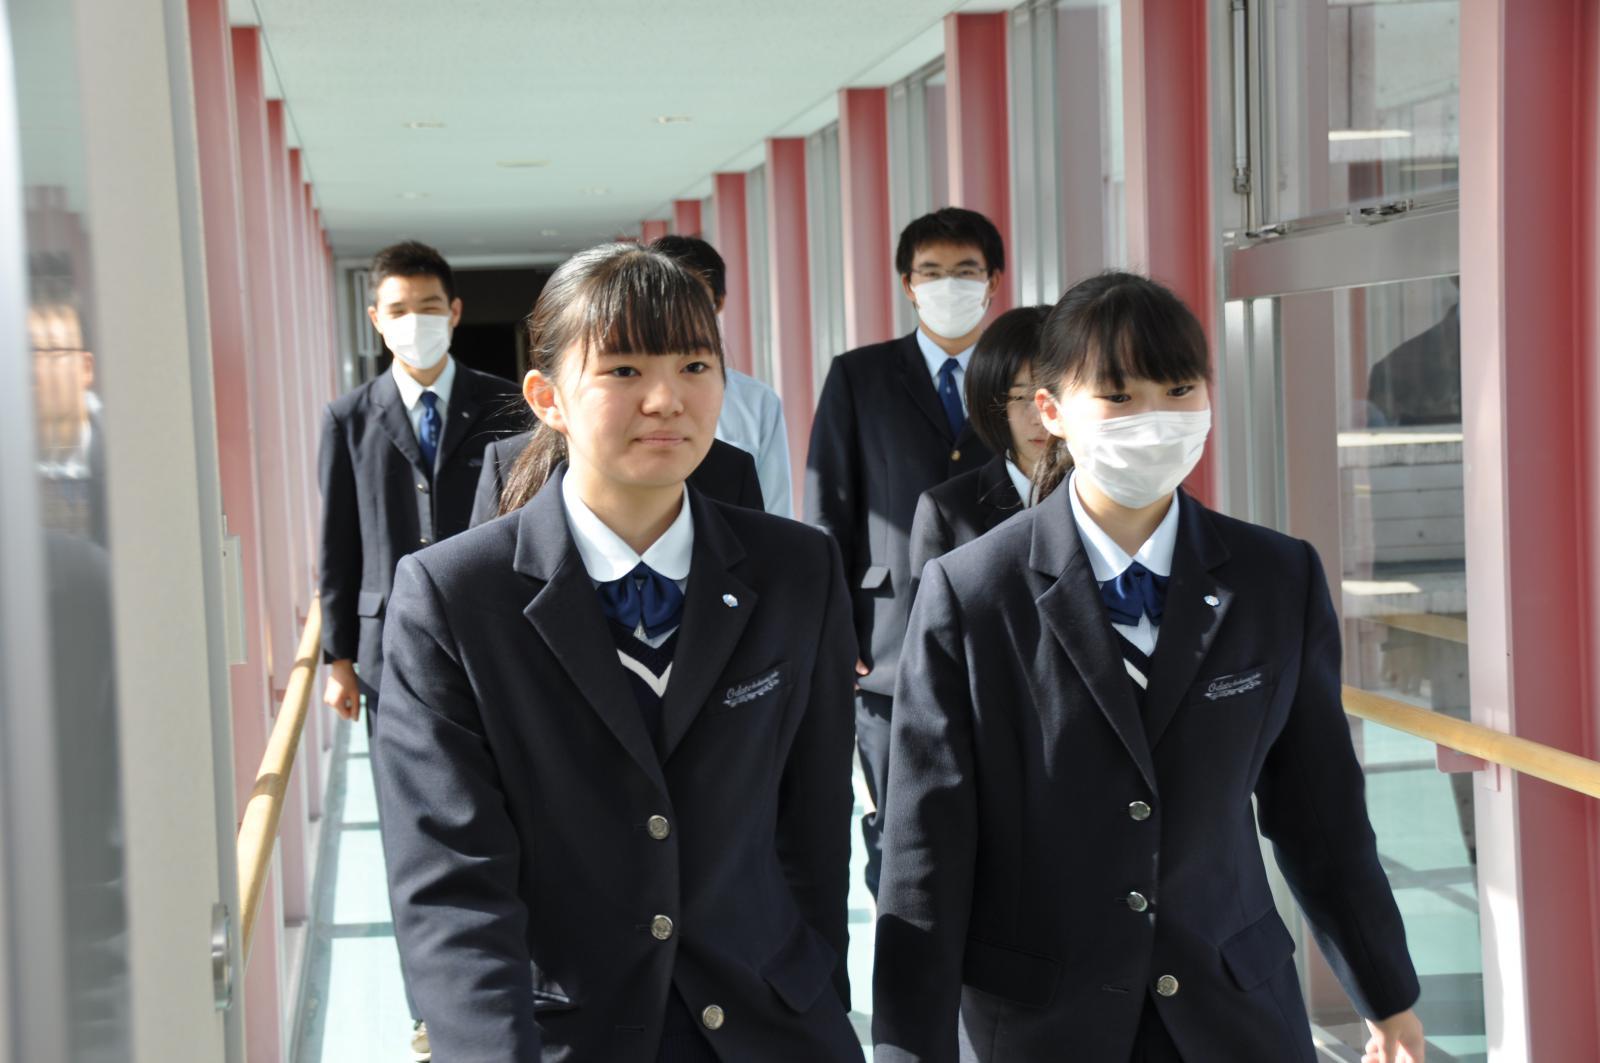 国際 情報 高校 滋賀県立国際情報高等学校 - Wikipedia